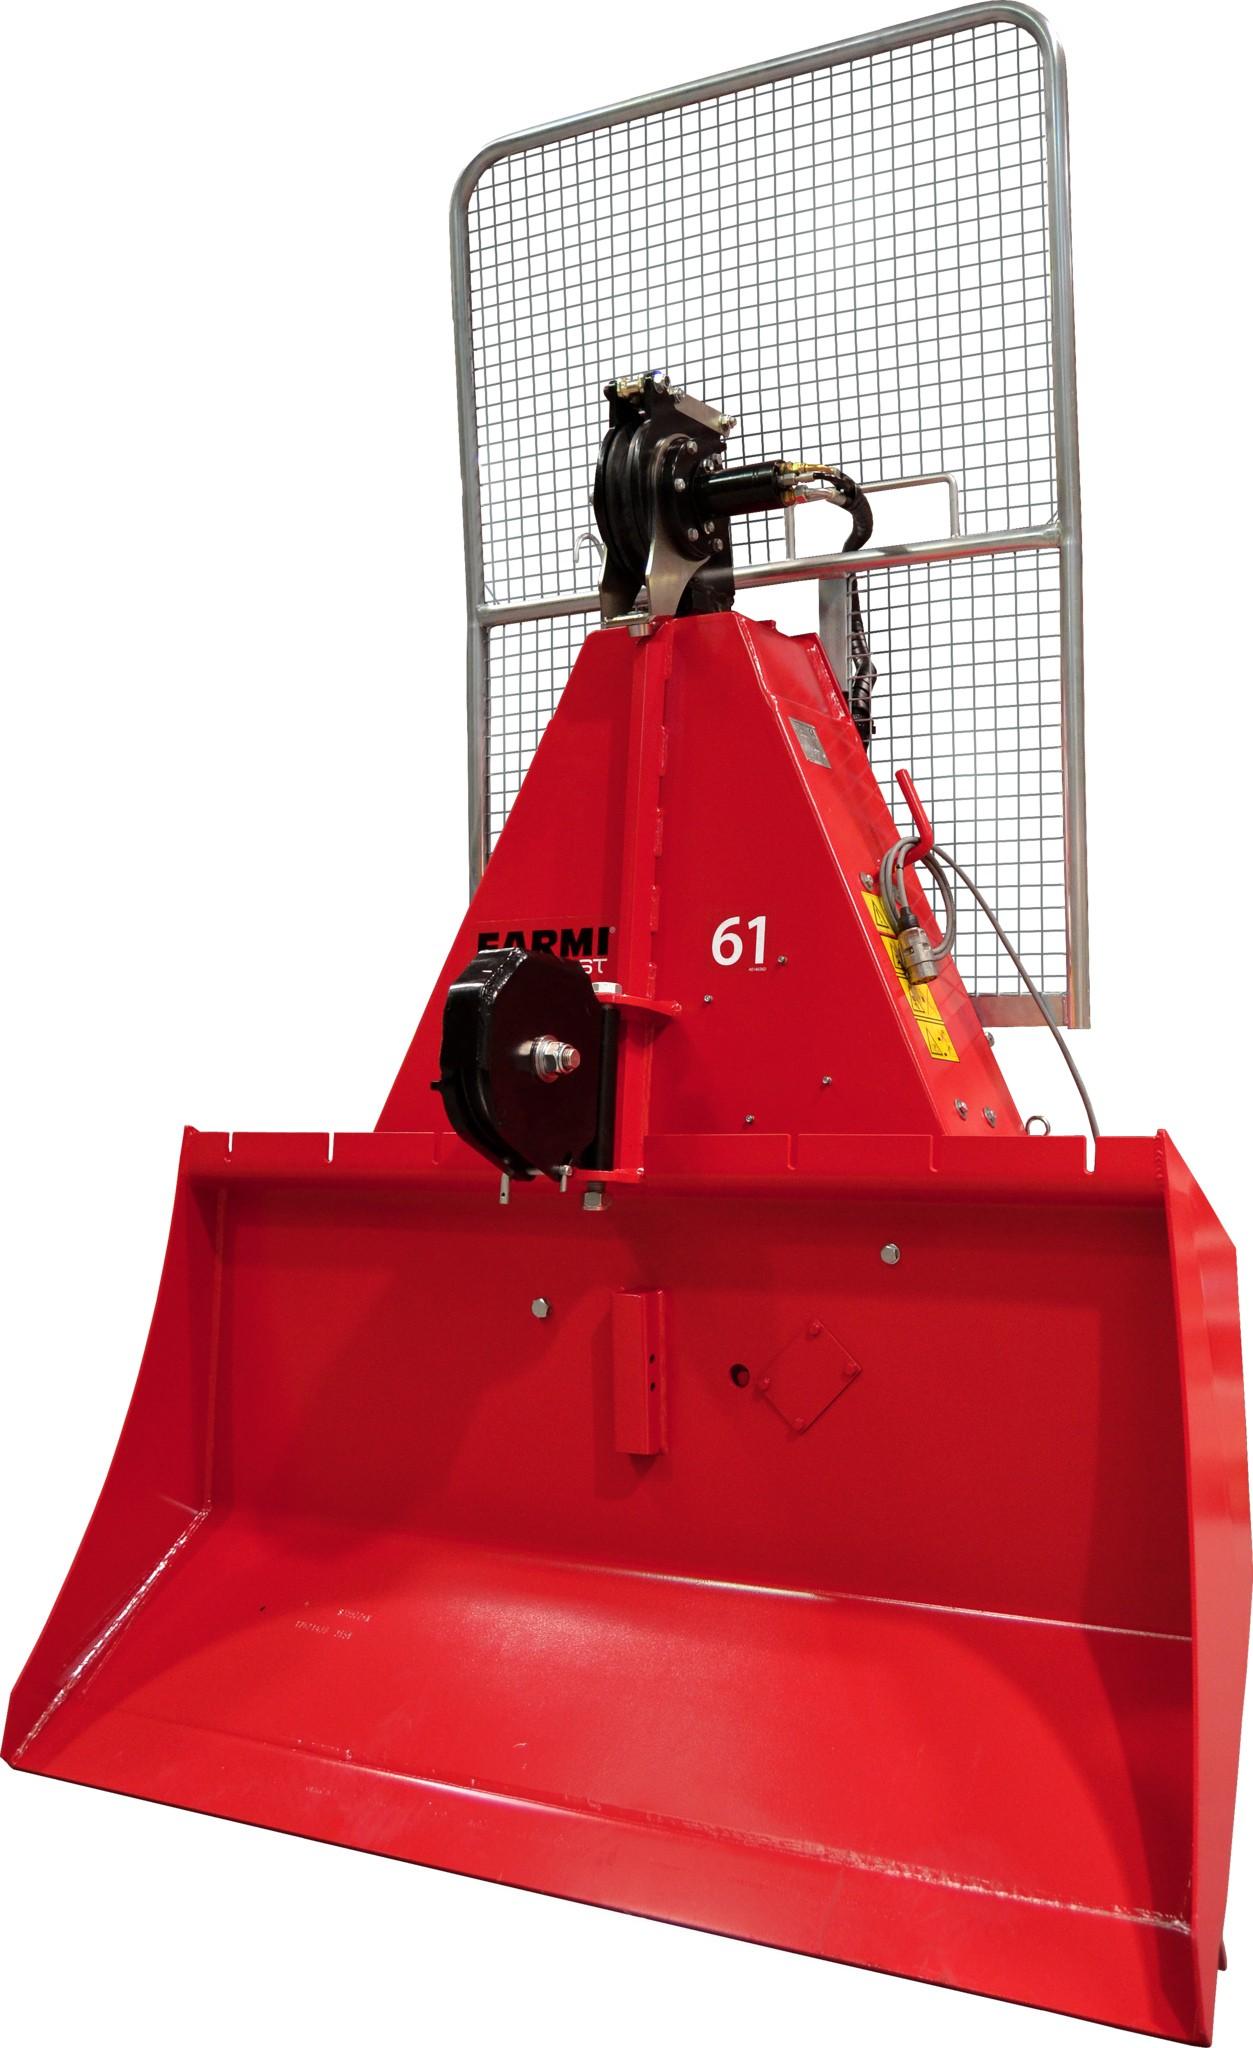 PTO winch | tractor winch | skidding winch | Farmi PTO winch